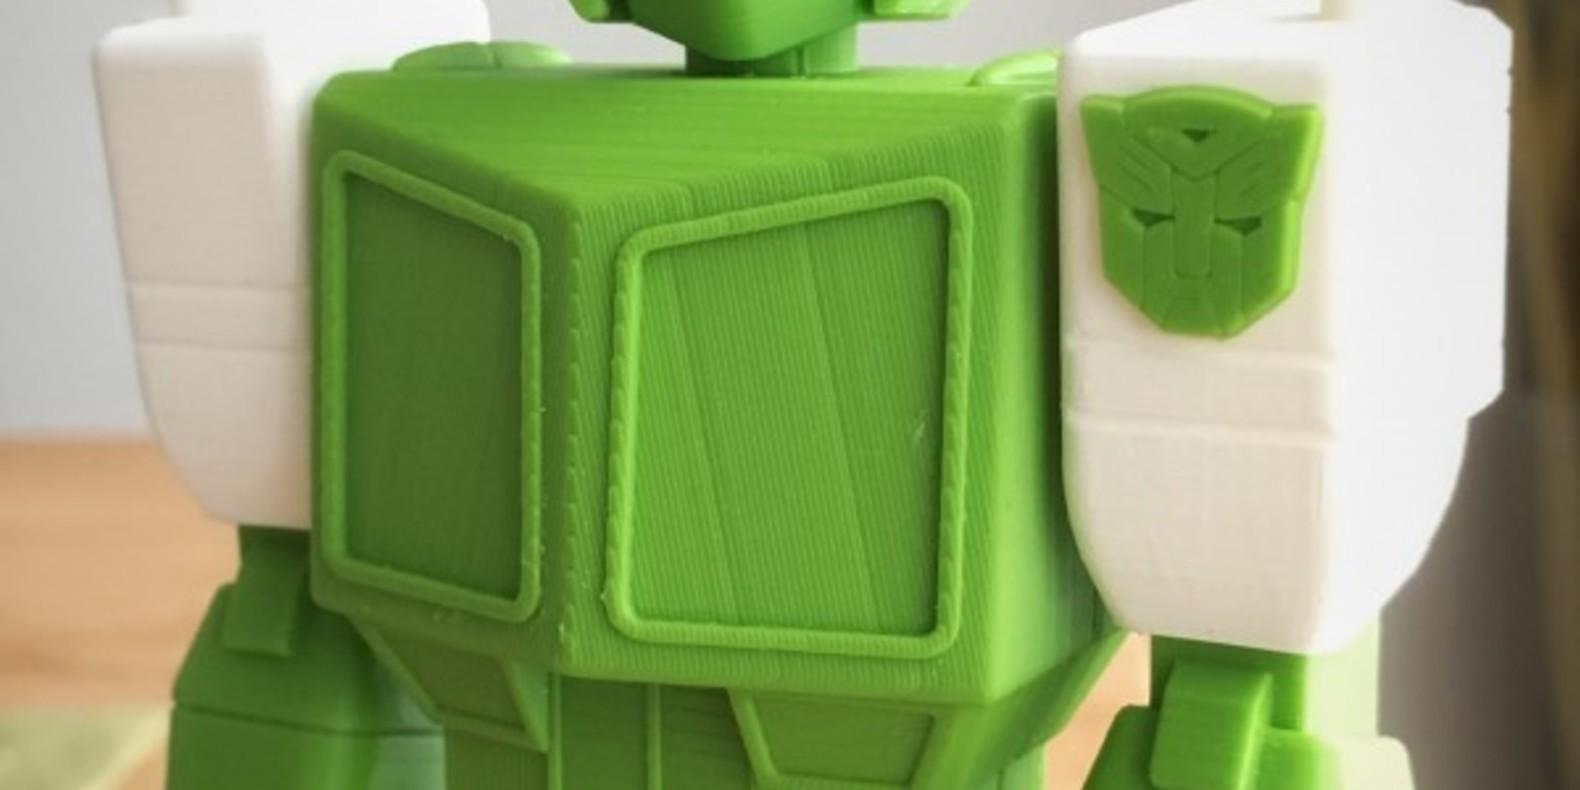 Optimus Prime imprimé en 3D transformers action masters 3D printed fichier STL guvrnor cults